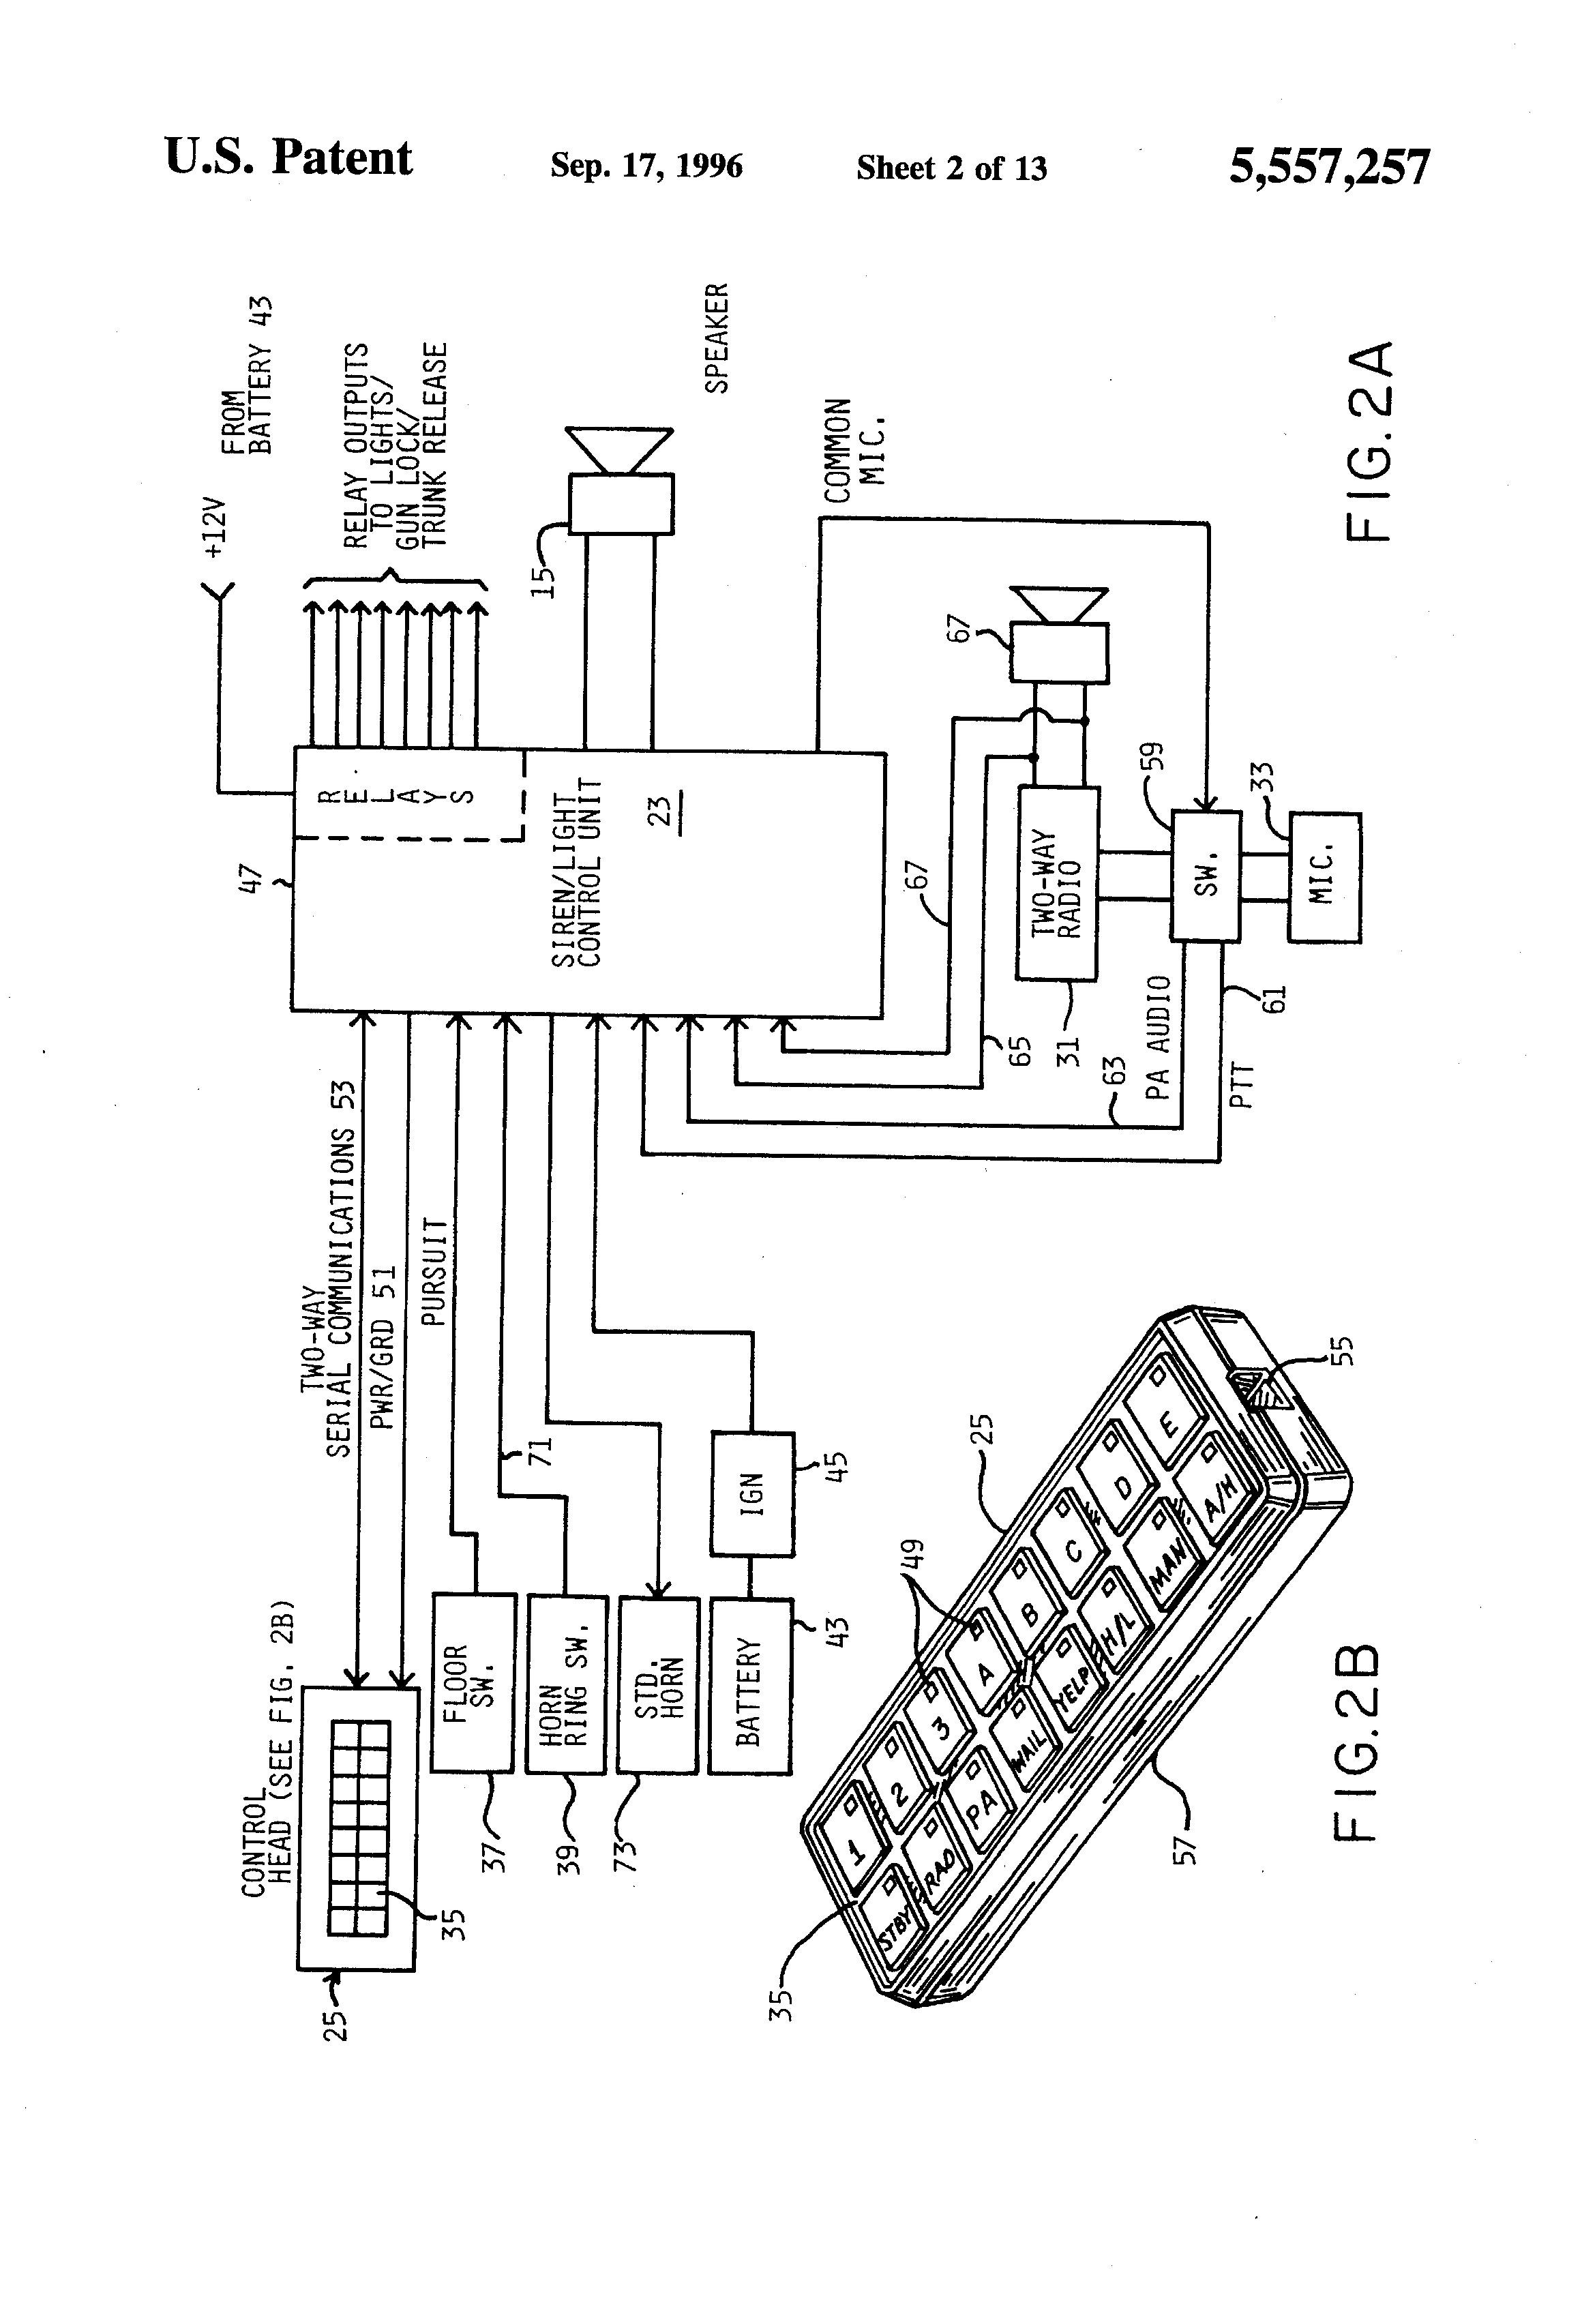 galls siren wiring diagram wiring wiring diagrams instructions siren wiring diagram galls siren wiring diagram